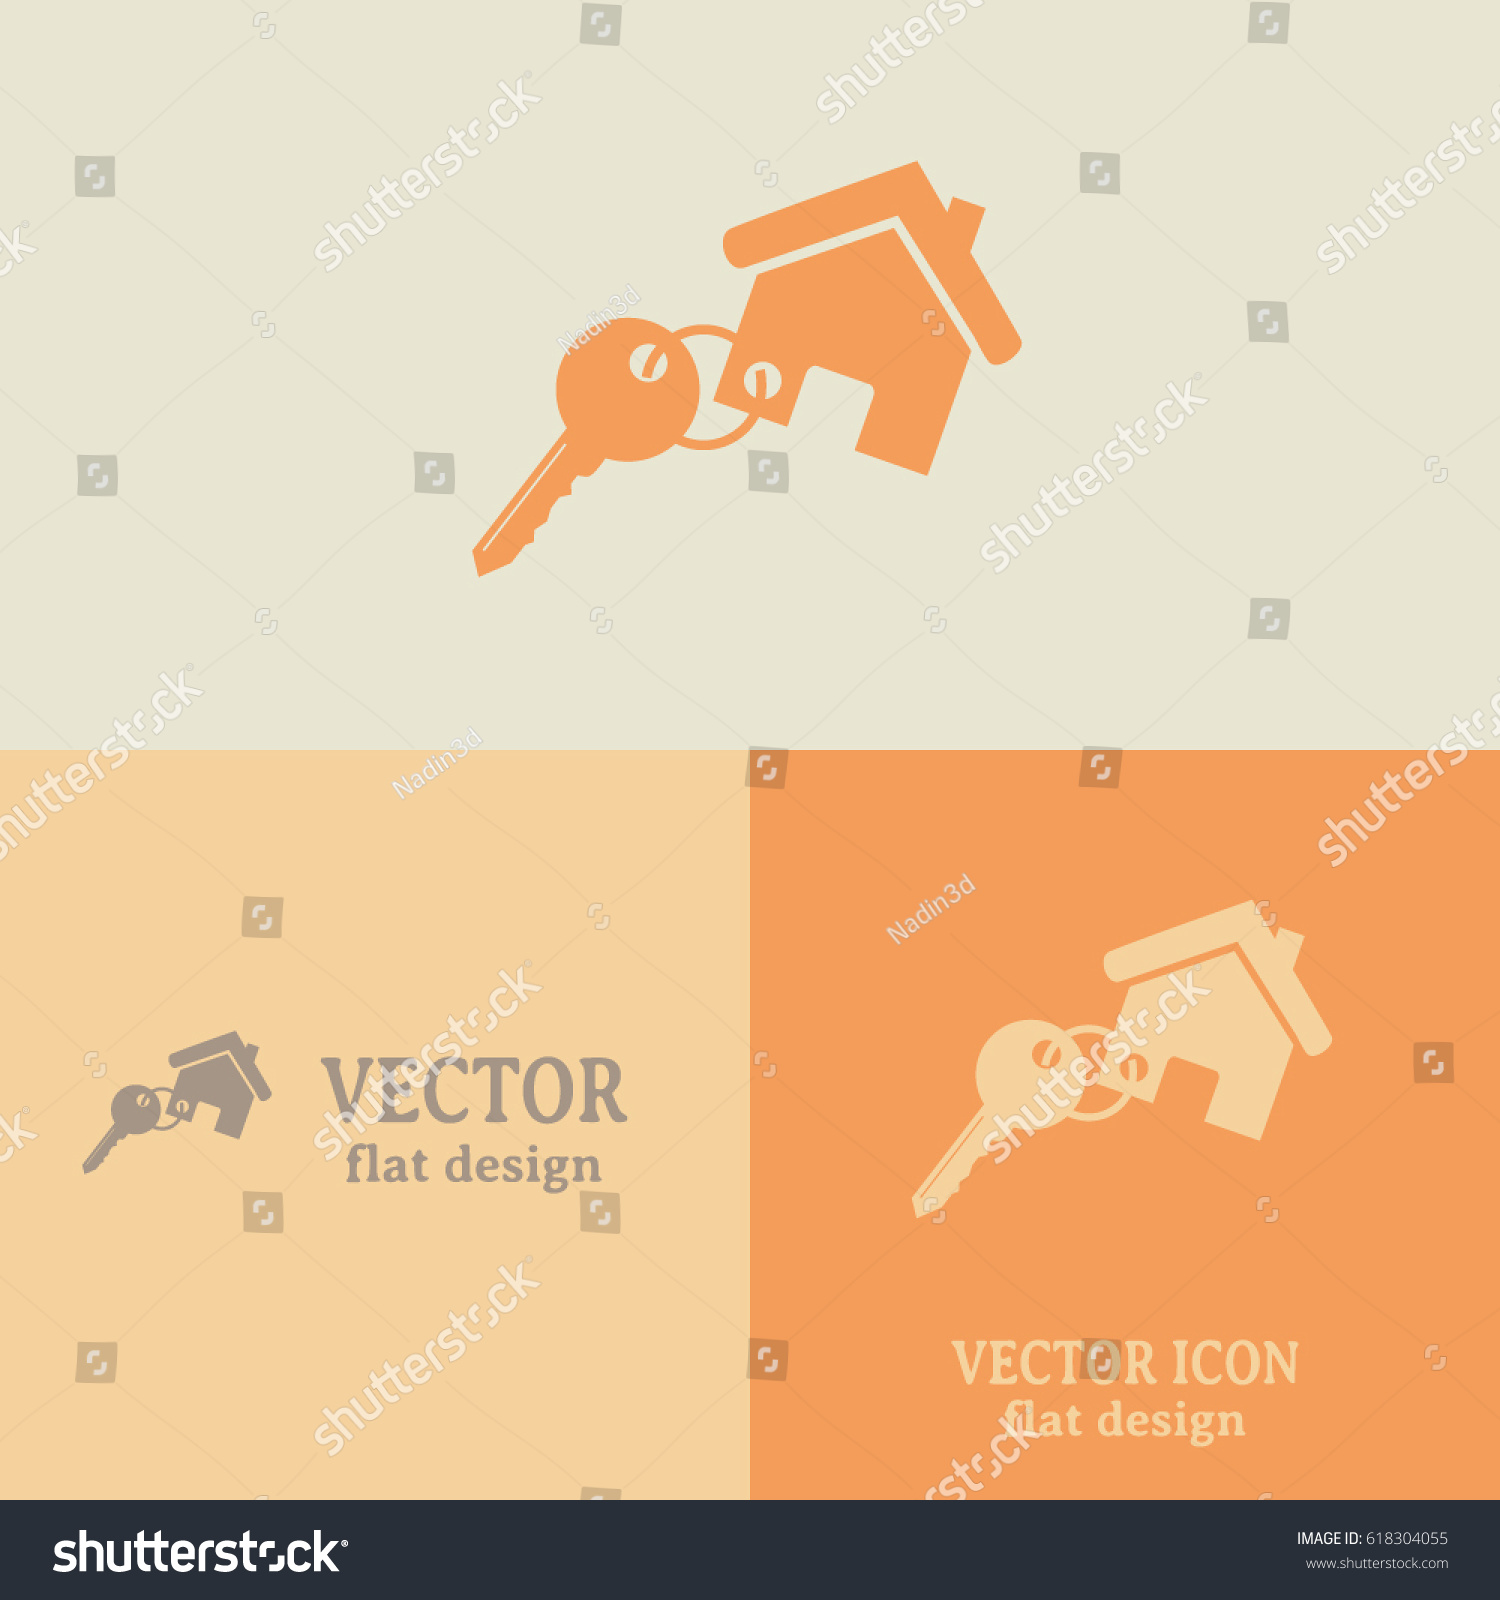 Business cards design vector illustration keychain stock vector business cards design vector illustration keychain with a home attached colourmoves